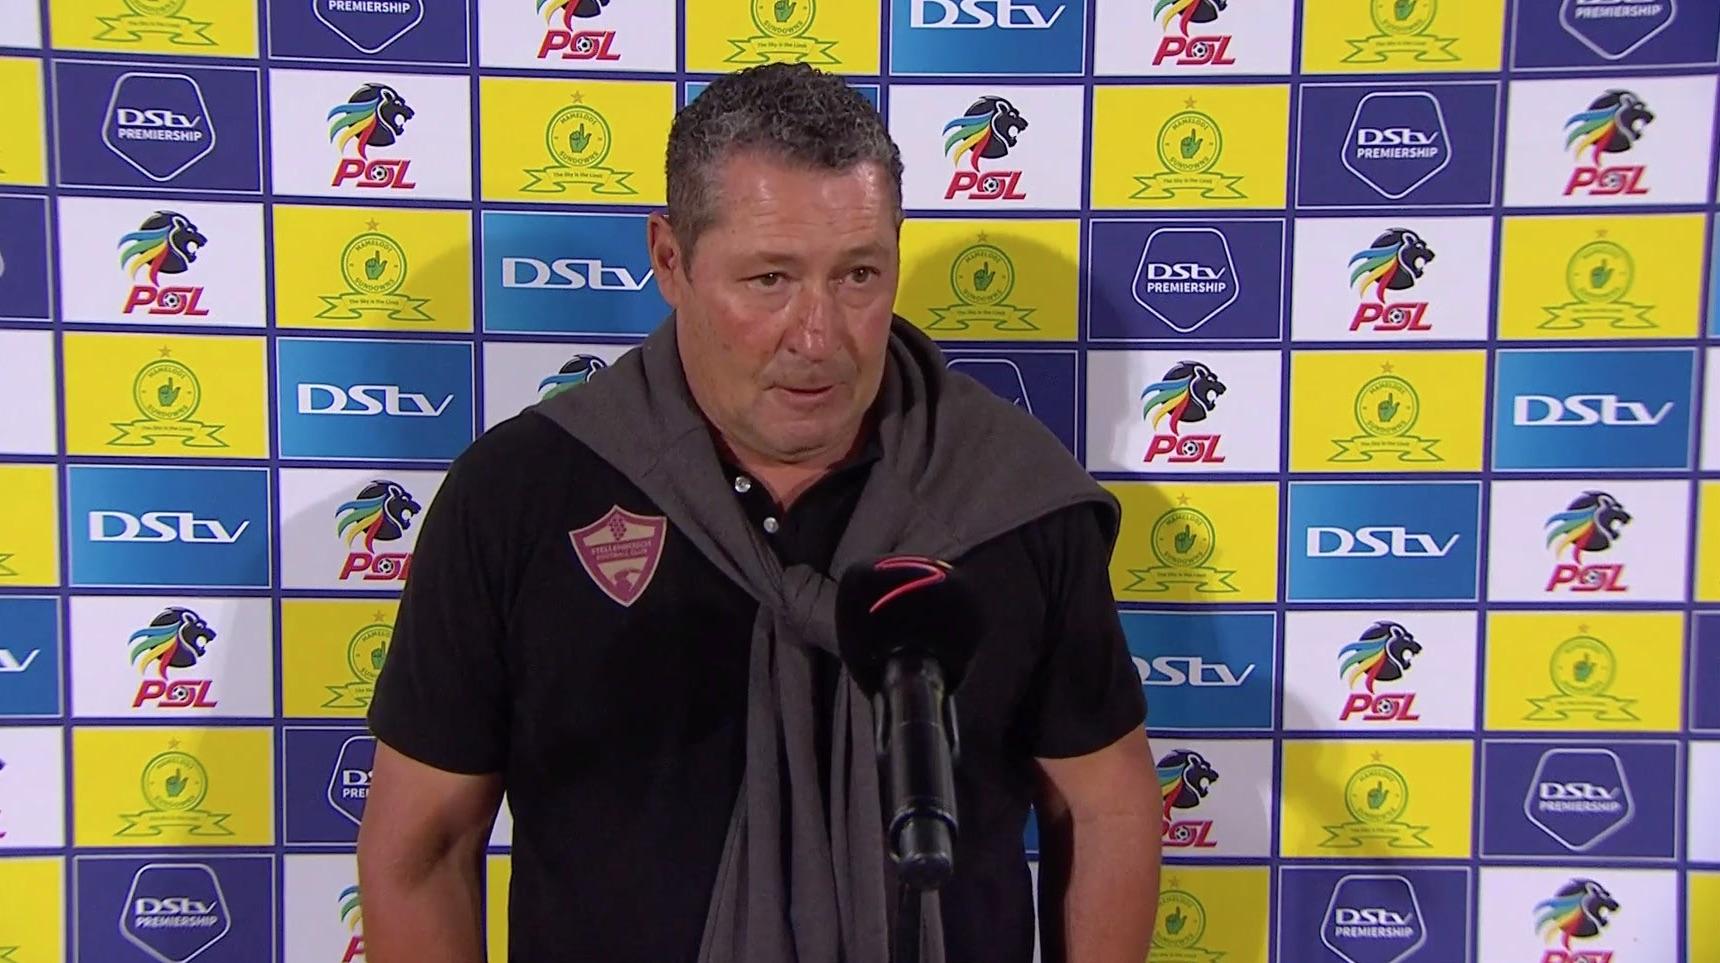 DStv Premiership | Mamelodi Sundowns v Stellenbosch FC  | Interview with Steve Barker